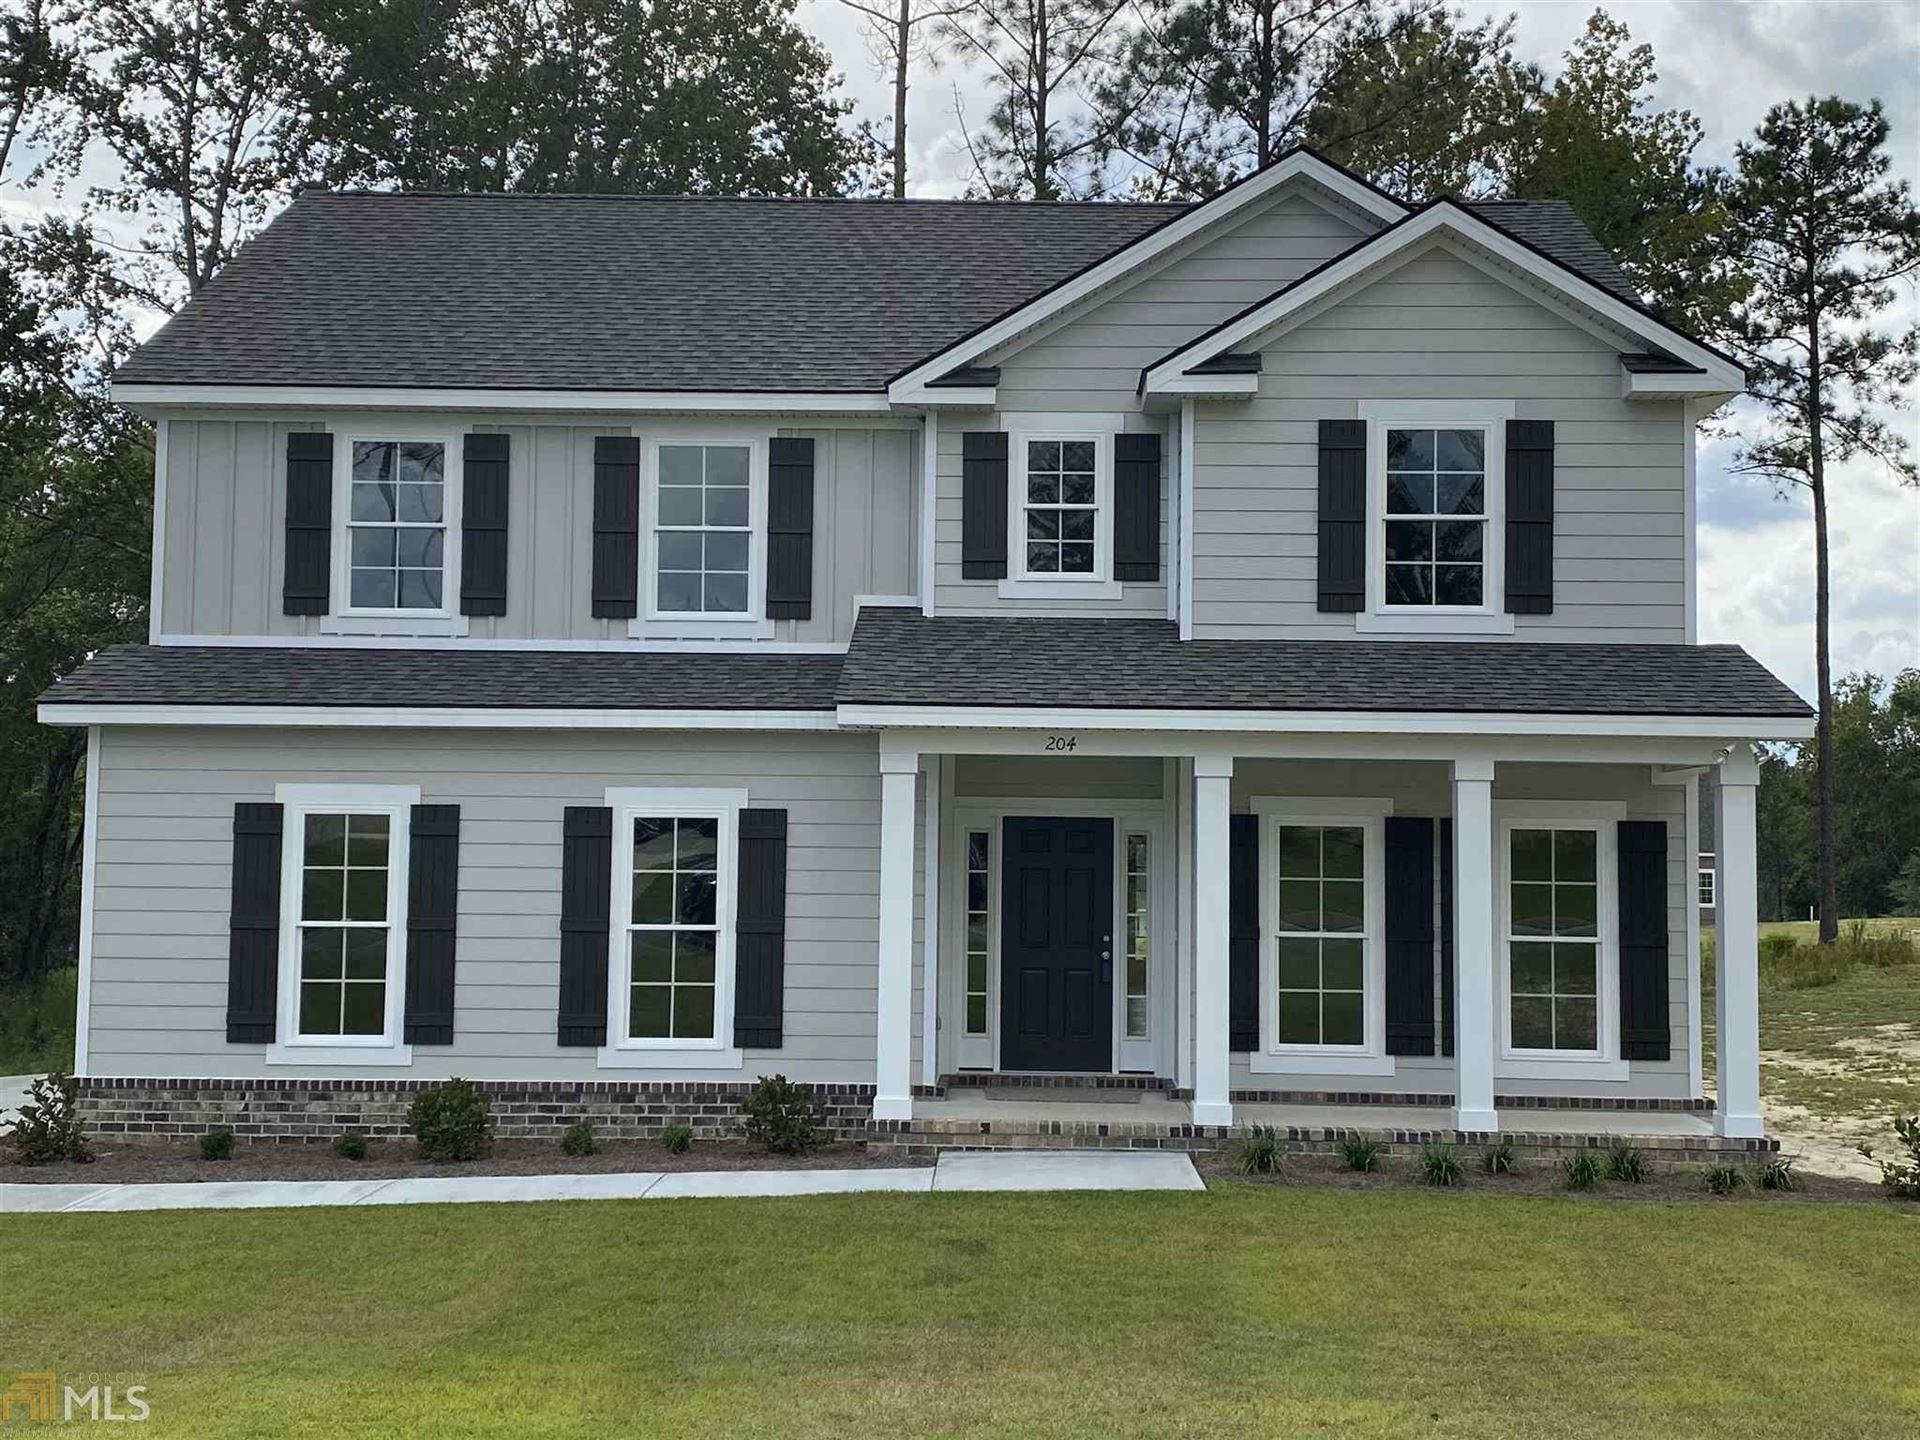 204 Tannery Ln, Statesboro, GA 30461 - #: 8853543